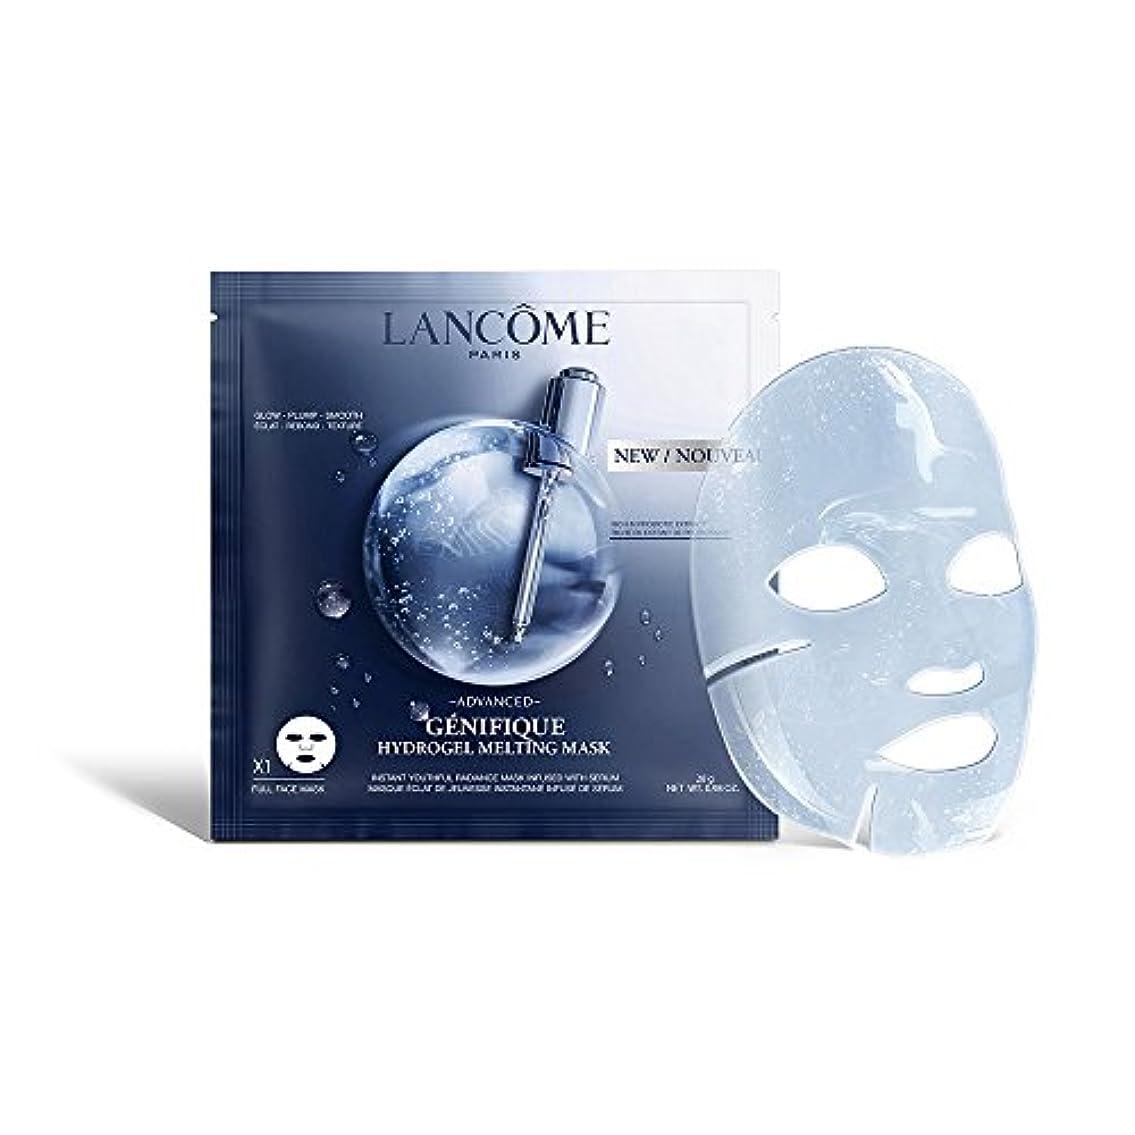 オーガニック化学薬品何故なのLANCOME(ランコム) ジェニフィック アドバンスト マスク(7枚セット)